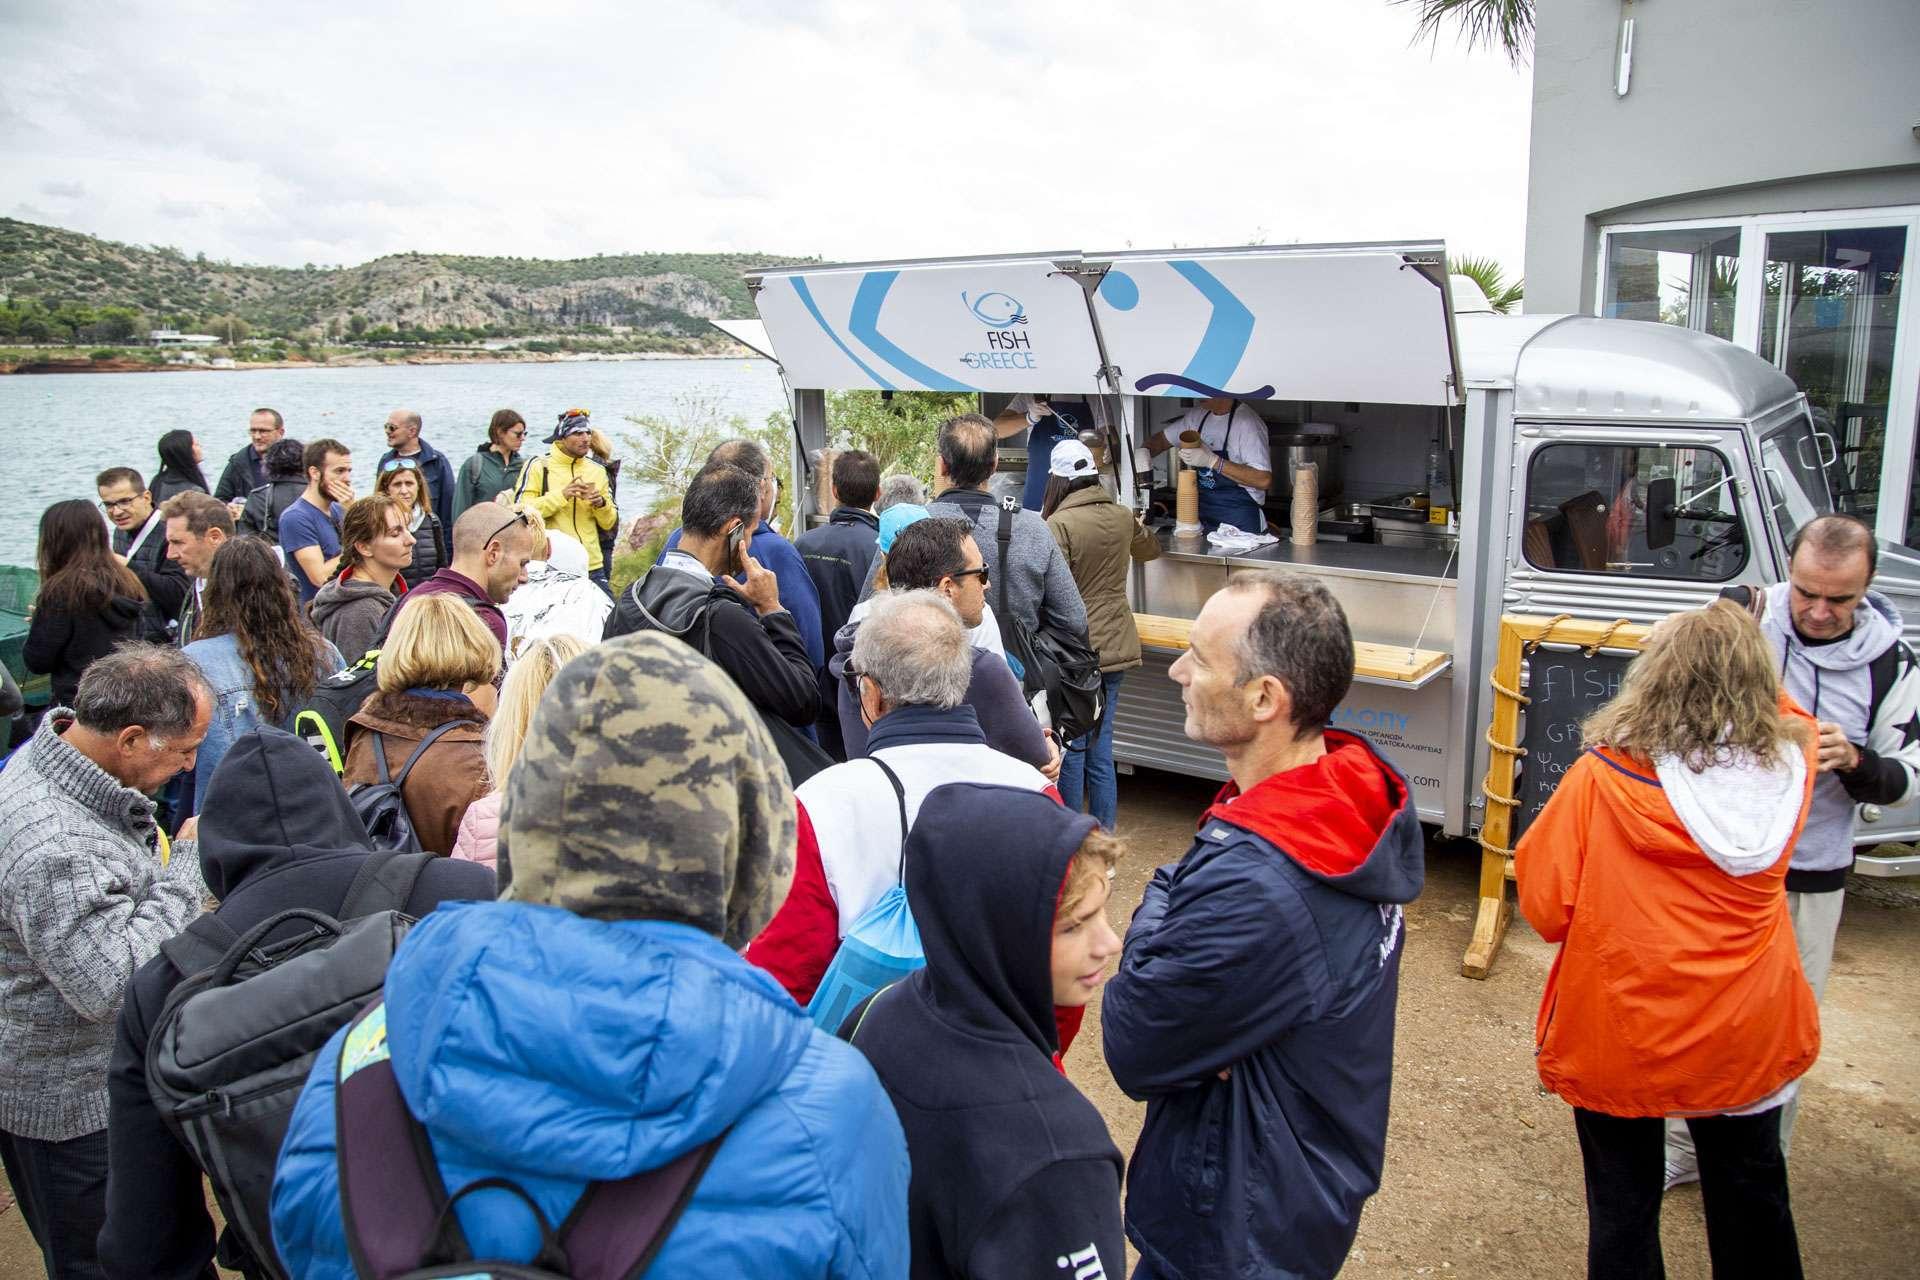 """Το fish truck """"Fish from Greece"""" προσφέρει ψαρόσουπα με κρανιό στον χειμερινό διάπλου Βουλιαγμένης 3"""